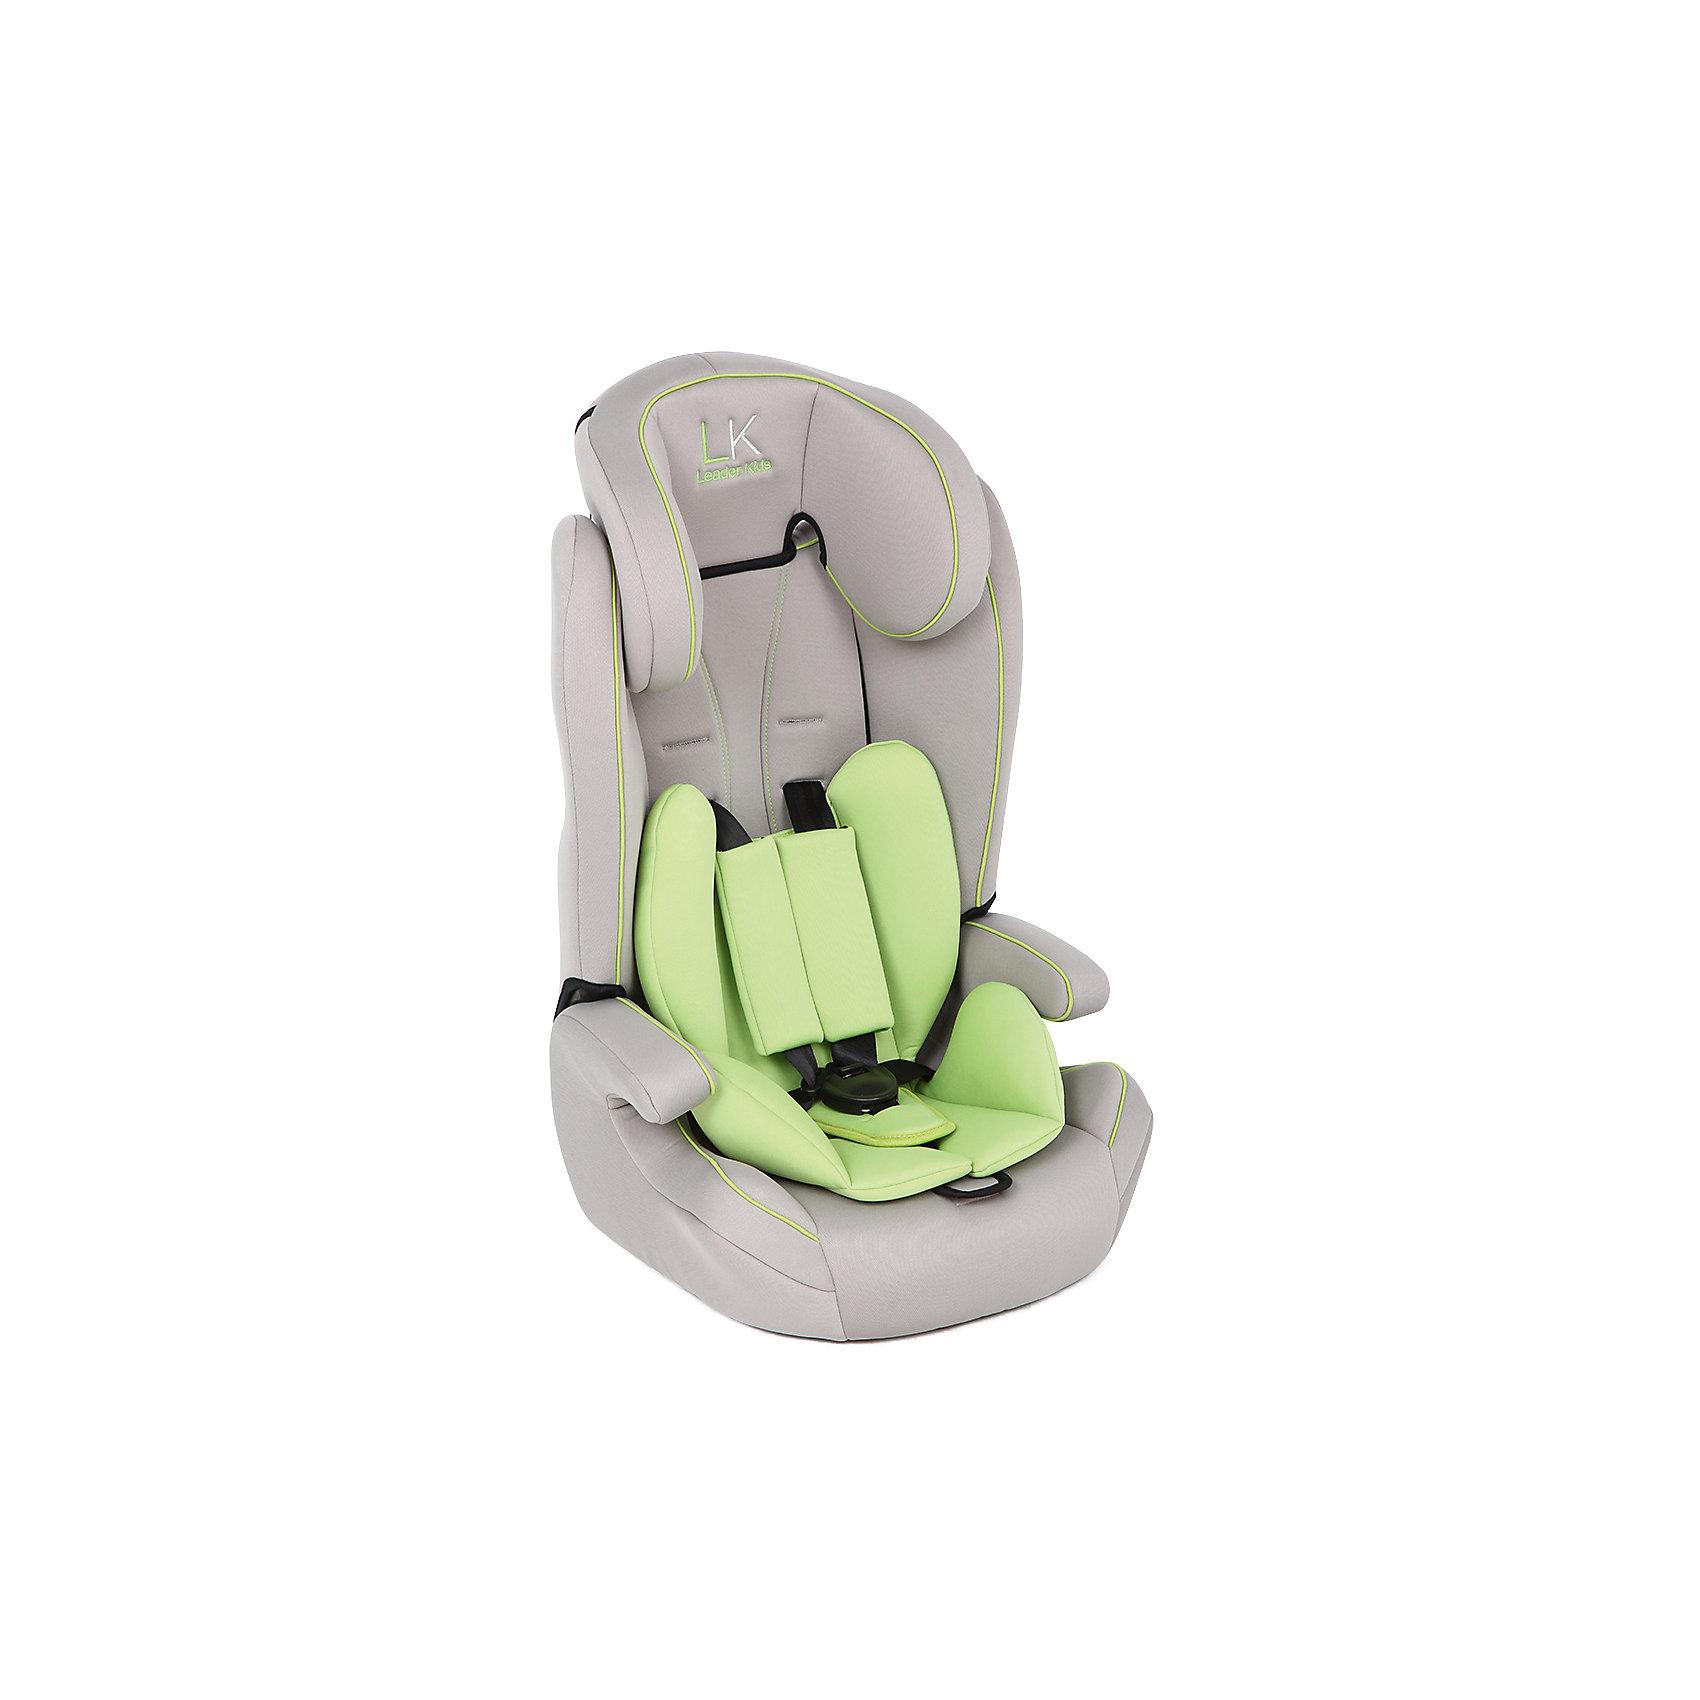 Автокресло SORRENTO, 9-36 кг., Leader kids, серый/зеленыйУдобное автокресло - необходимый атрибут современной семьи, в которой есть машина. Это высокотехнологичное надежное автокресло позволит перевозить ребенка, не беспокоясь при этом о его безопасности. Оно предназначено для предназначено для детей весом от 9 до 36 килограмм. Такое кресло обеспечит малышу не только безопасность, но и удобство (регулируемый наклон спинки и мягкий подголовник). Ребенок надежно фиксируется в кресле и ездит с комфортом. <br>Автокресло устанавливают по ходу движения. Такое кресло дает возможность свободно путешествовать, ездить в гости и при этом  быть рядом с малышом. Конструкция - очень удобная и прочная. Изделие произведено из качественных и безопасных для малышей материалов, оно соответствуют всем современным требованиям безопасности. Кресло отлично показало себя на краш-тестах.<br> <br>Дополнительная информация:<br><br>цвет: серый, зеленый;<br>материал: текстиль, пластик;<br>вес ребенка: от 9 до 36 кг;<br>крепление автомобильным ремнем;<br>регулируемый наклон спинки;<br>внутренние ремни - пятиточечные, с мягкими накладками;<br>мягкий подголовник;<br>дополнительная защита от боковых ударов;<br>съемный чехол;<br>соответствие стандартам ECE R44/04.<br><br>Автокресло SORRENTO, 9-36 кг., Leader kids, серый/зеленый от компании Leader kids можно купить в нашем магазине.<br><br>Ширина мм: 890<br>Глубина мм: 740<br>Высота мм: 430<br>Вес г: 5000<br>Возраст от месяцев: 12<br>Возраст до месяцев: 144<br>Пол: Унисекс<br>Возраст: Детский<br>SKU: 4778440